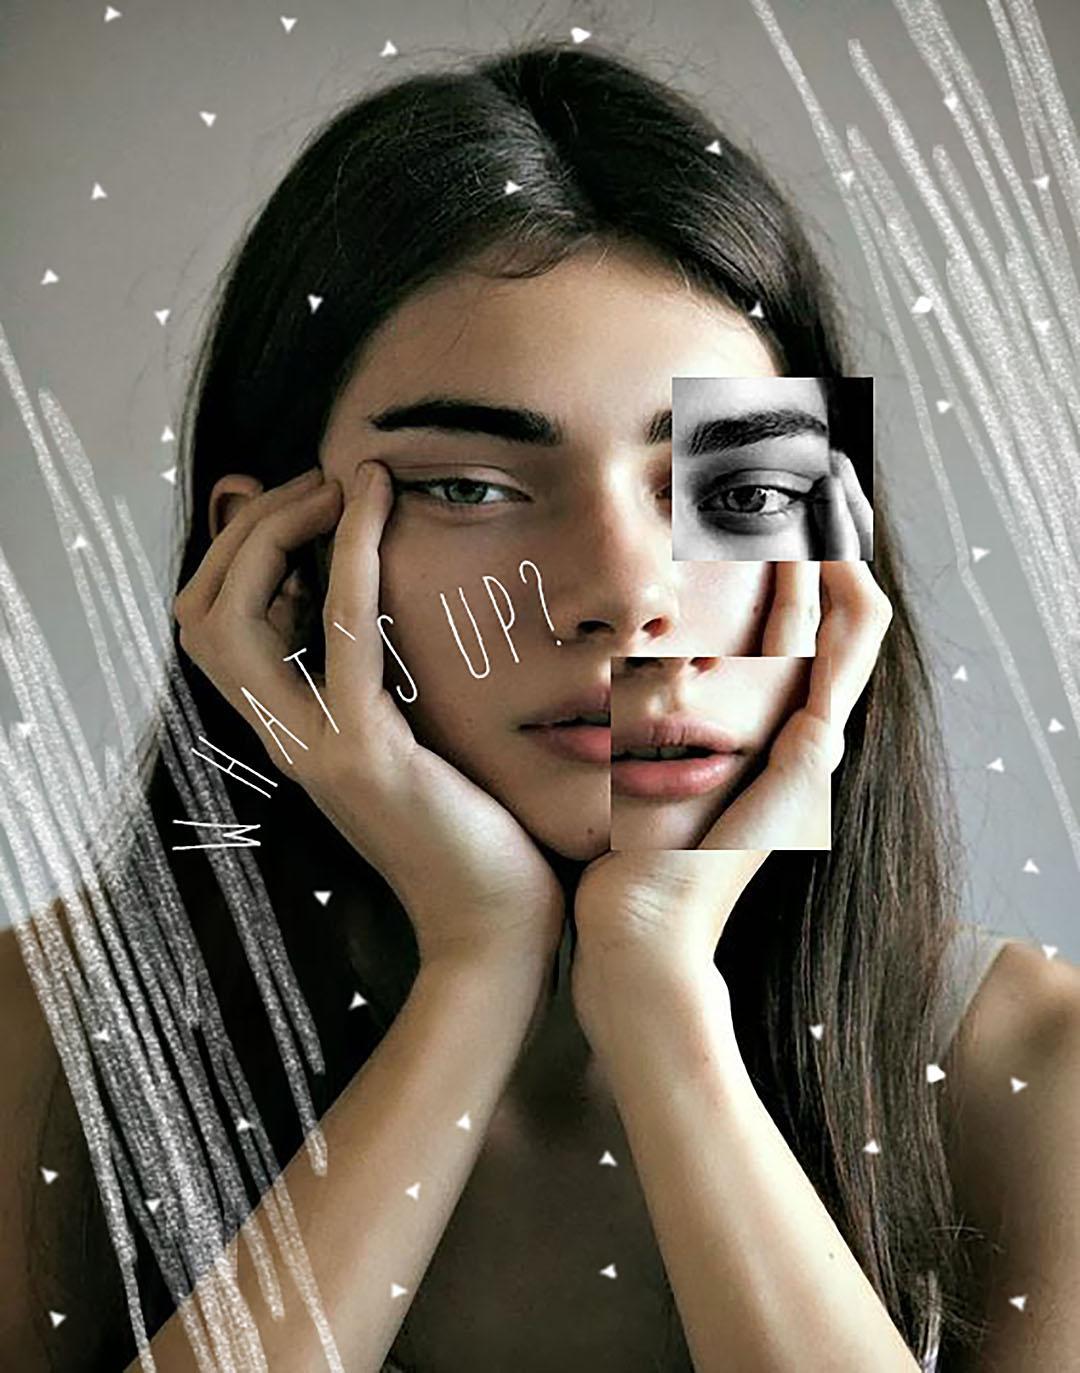 Digitale Collagen erstellen // Vorteile, Anregungen & Die Frage nach dem Warum